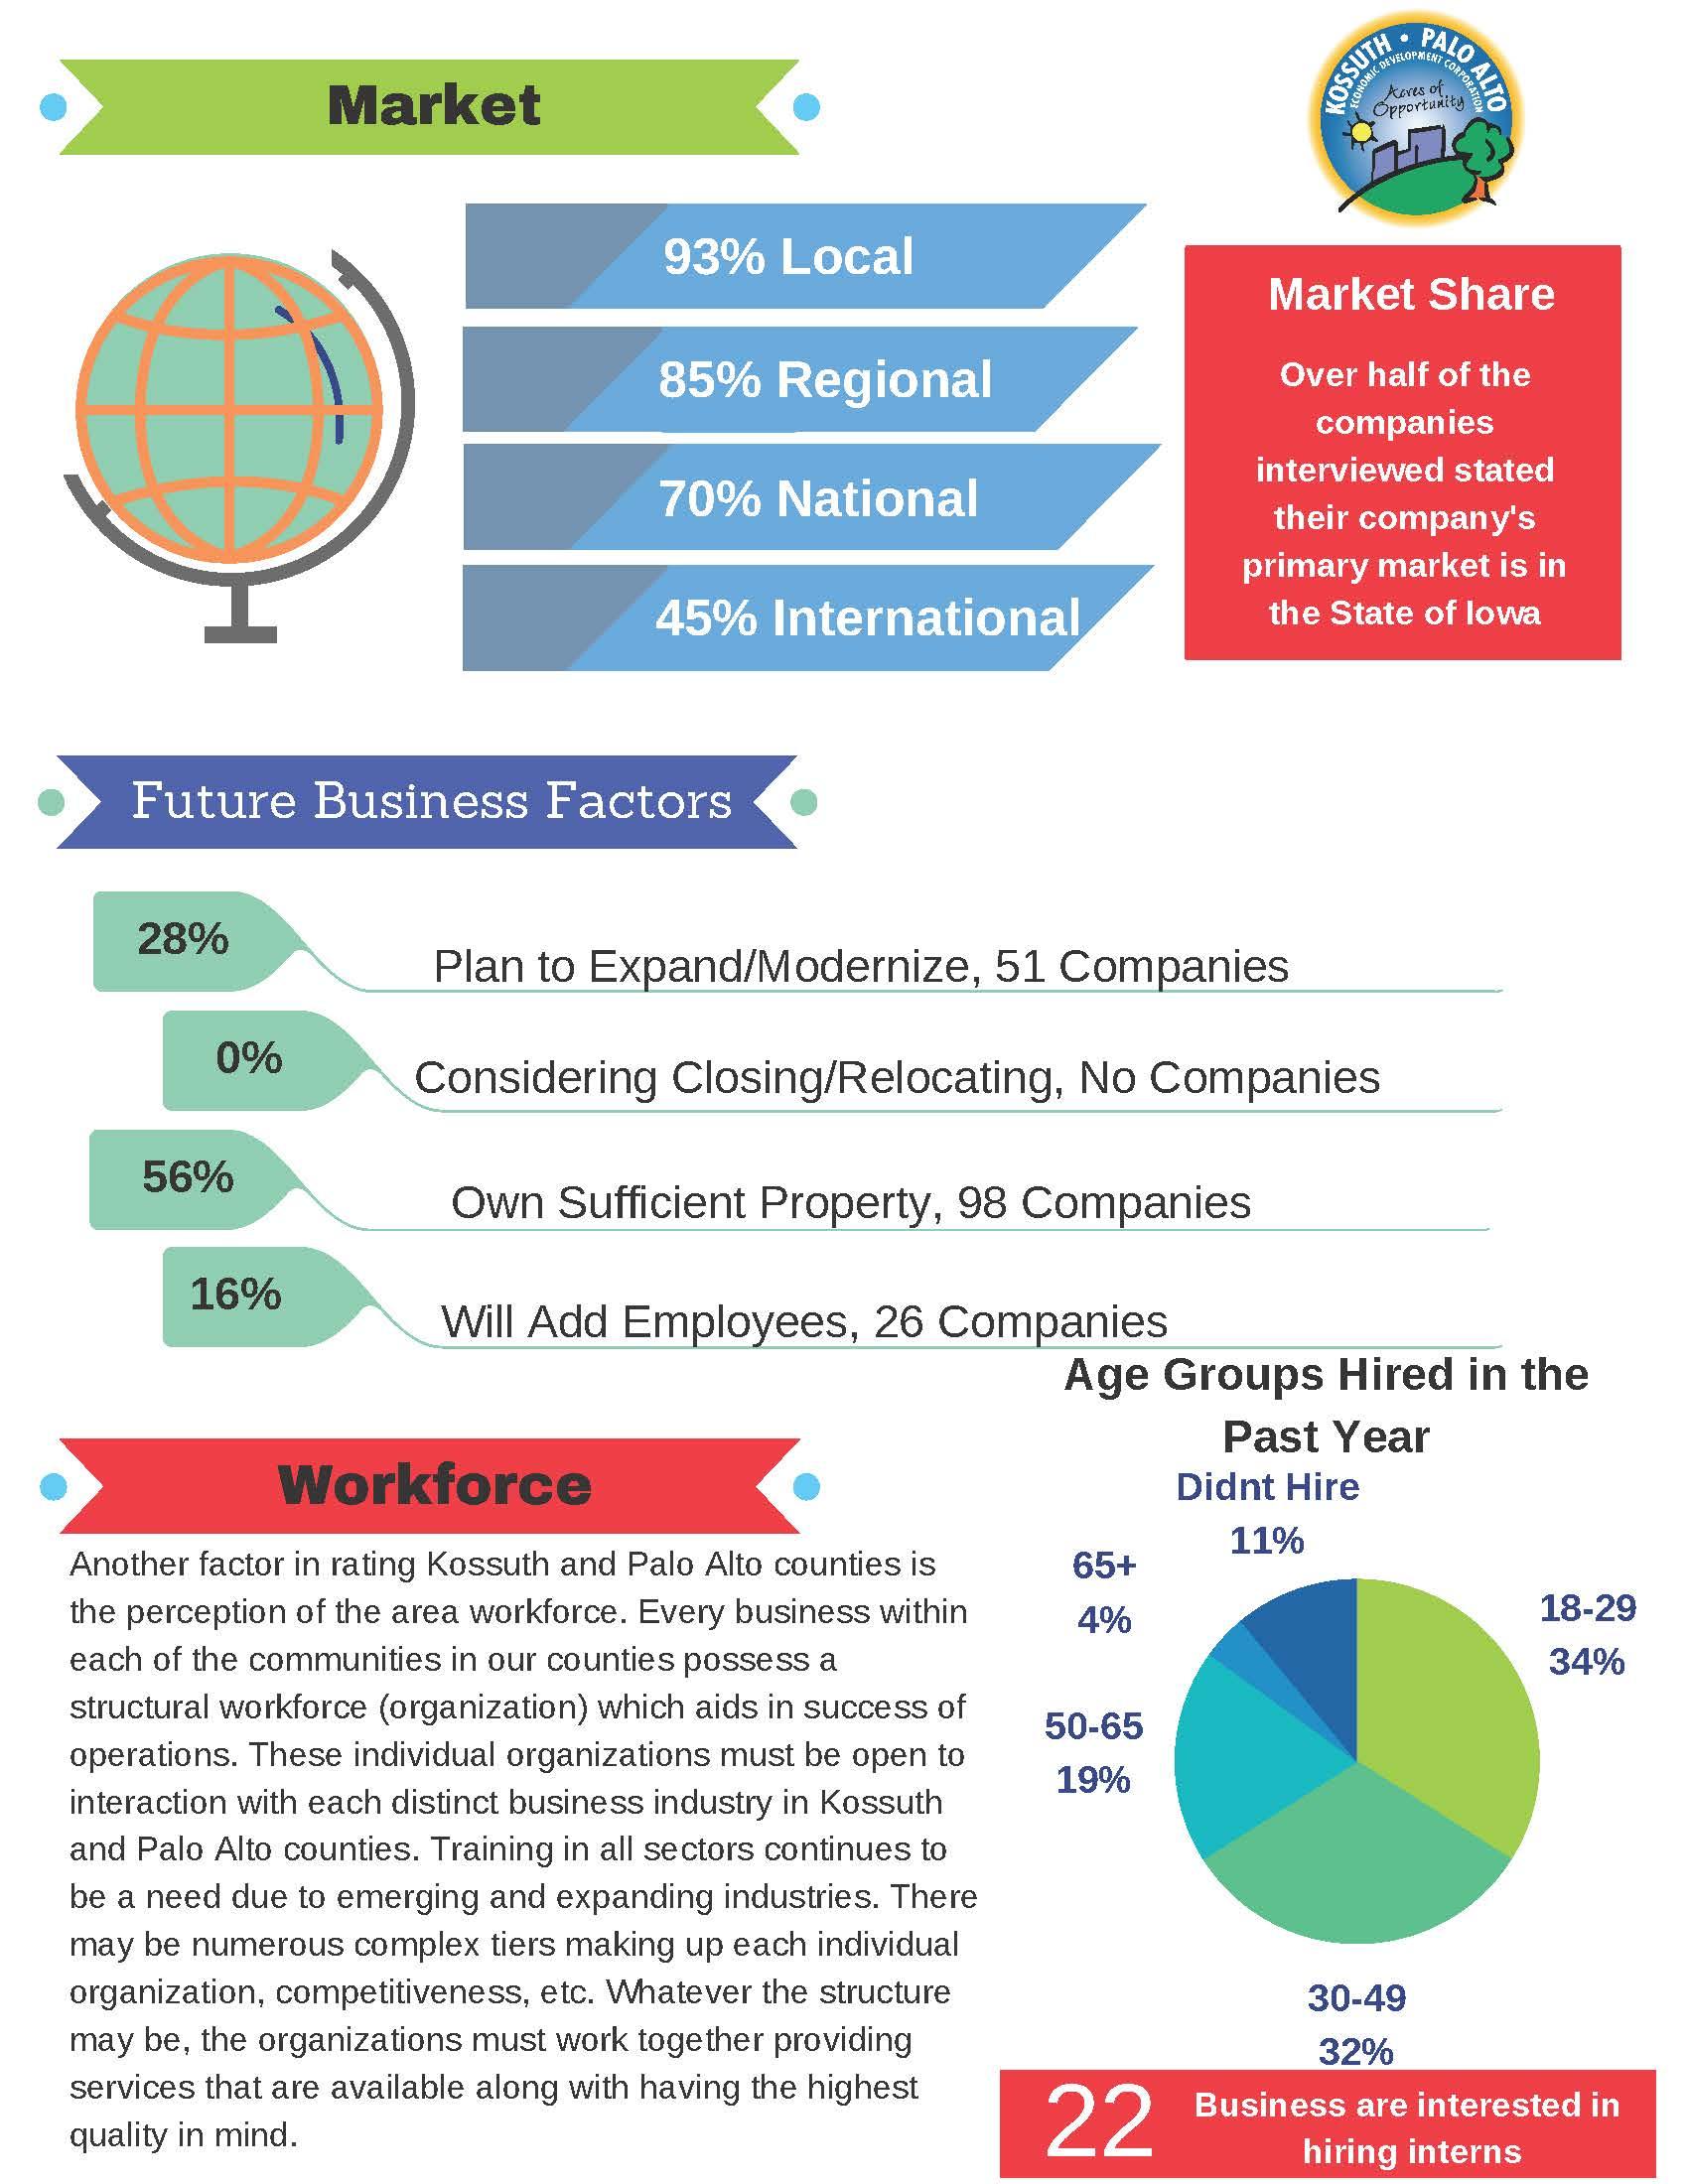 2020 Business Survey (22)